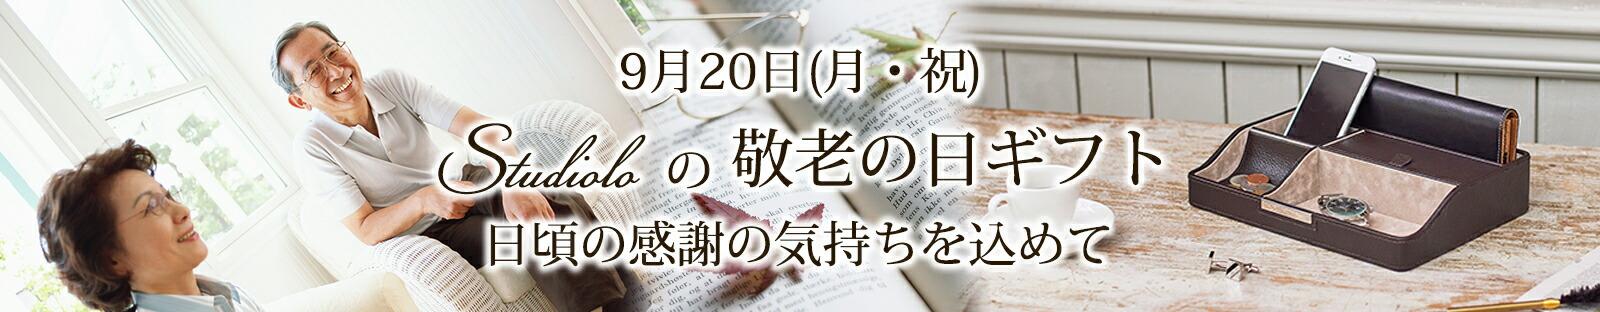 age_main_bnr